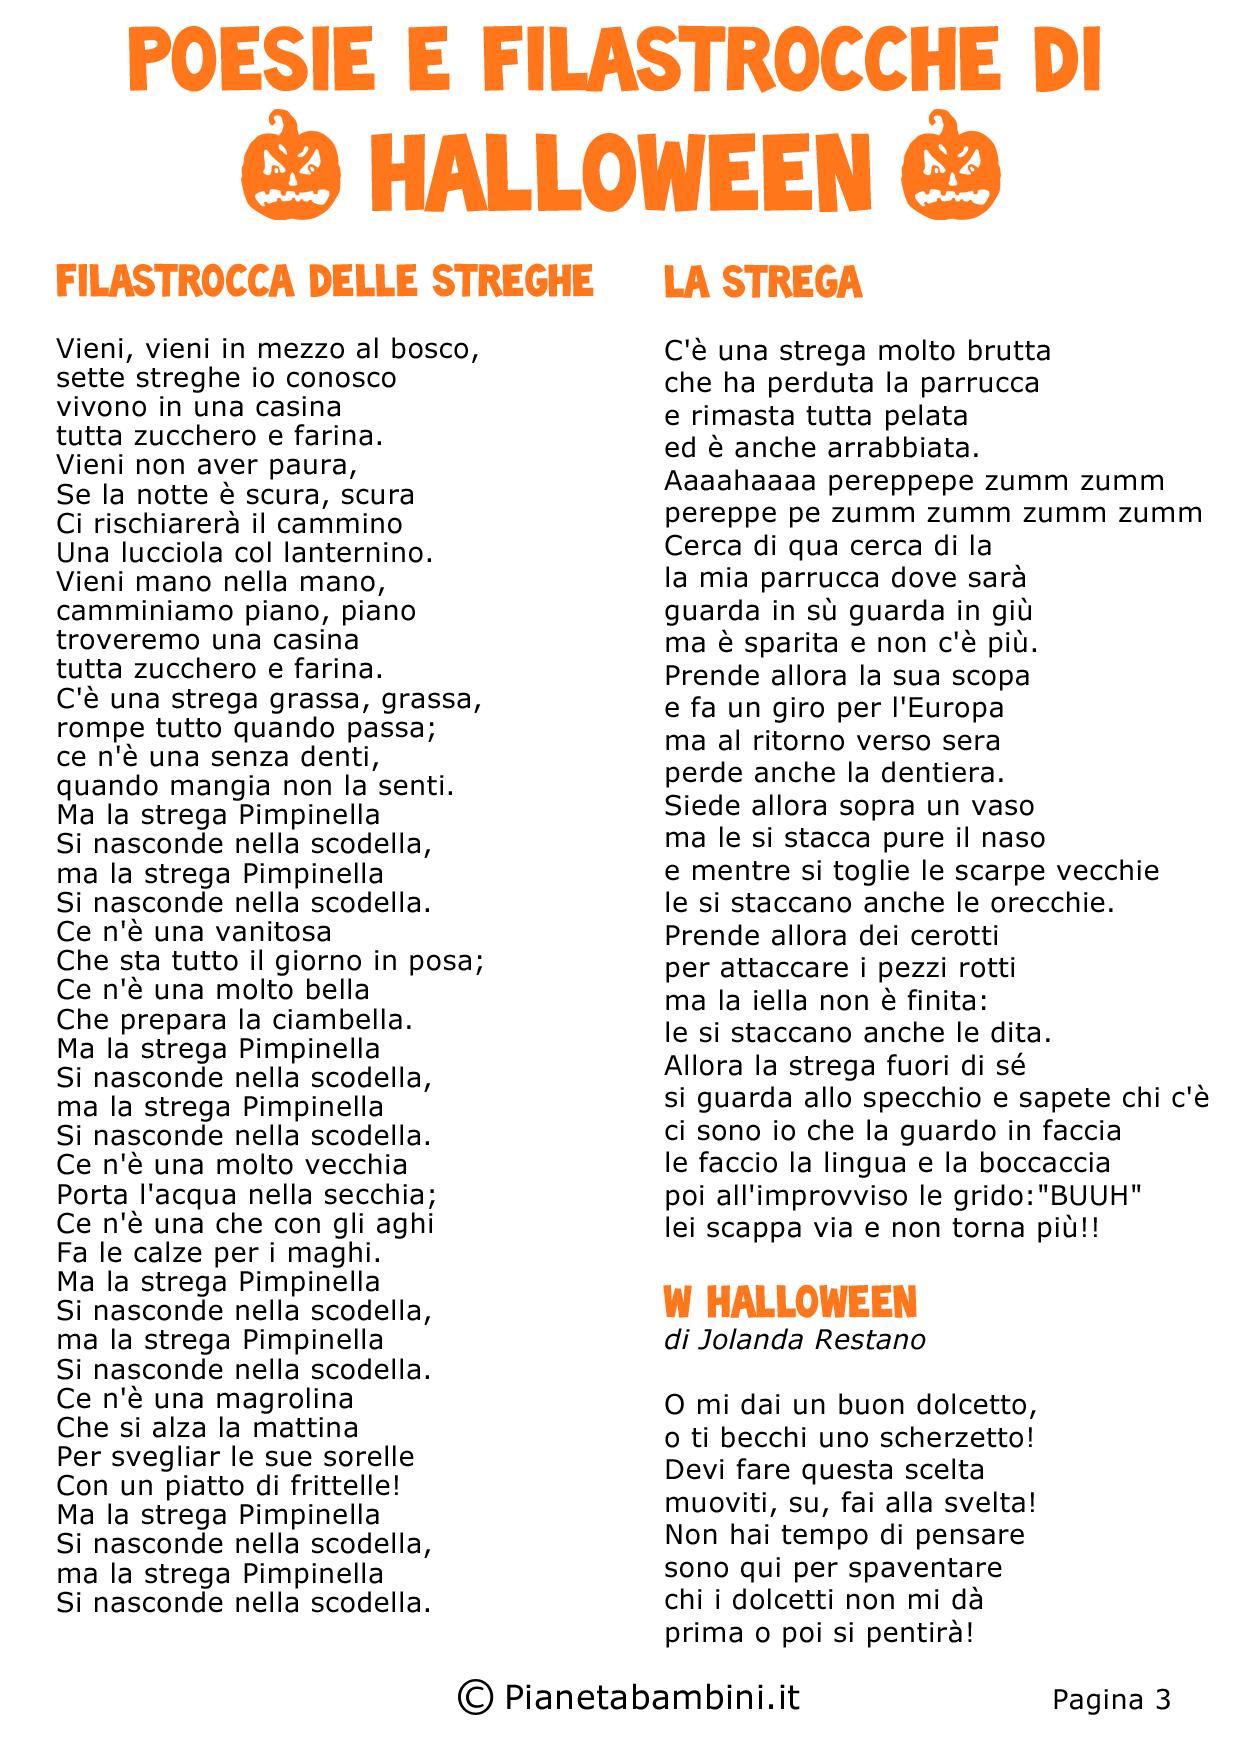 Ben noto 30 Poesie e Filastrocche di Halloween per Bambini | PianetaBambini.it KD81